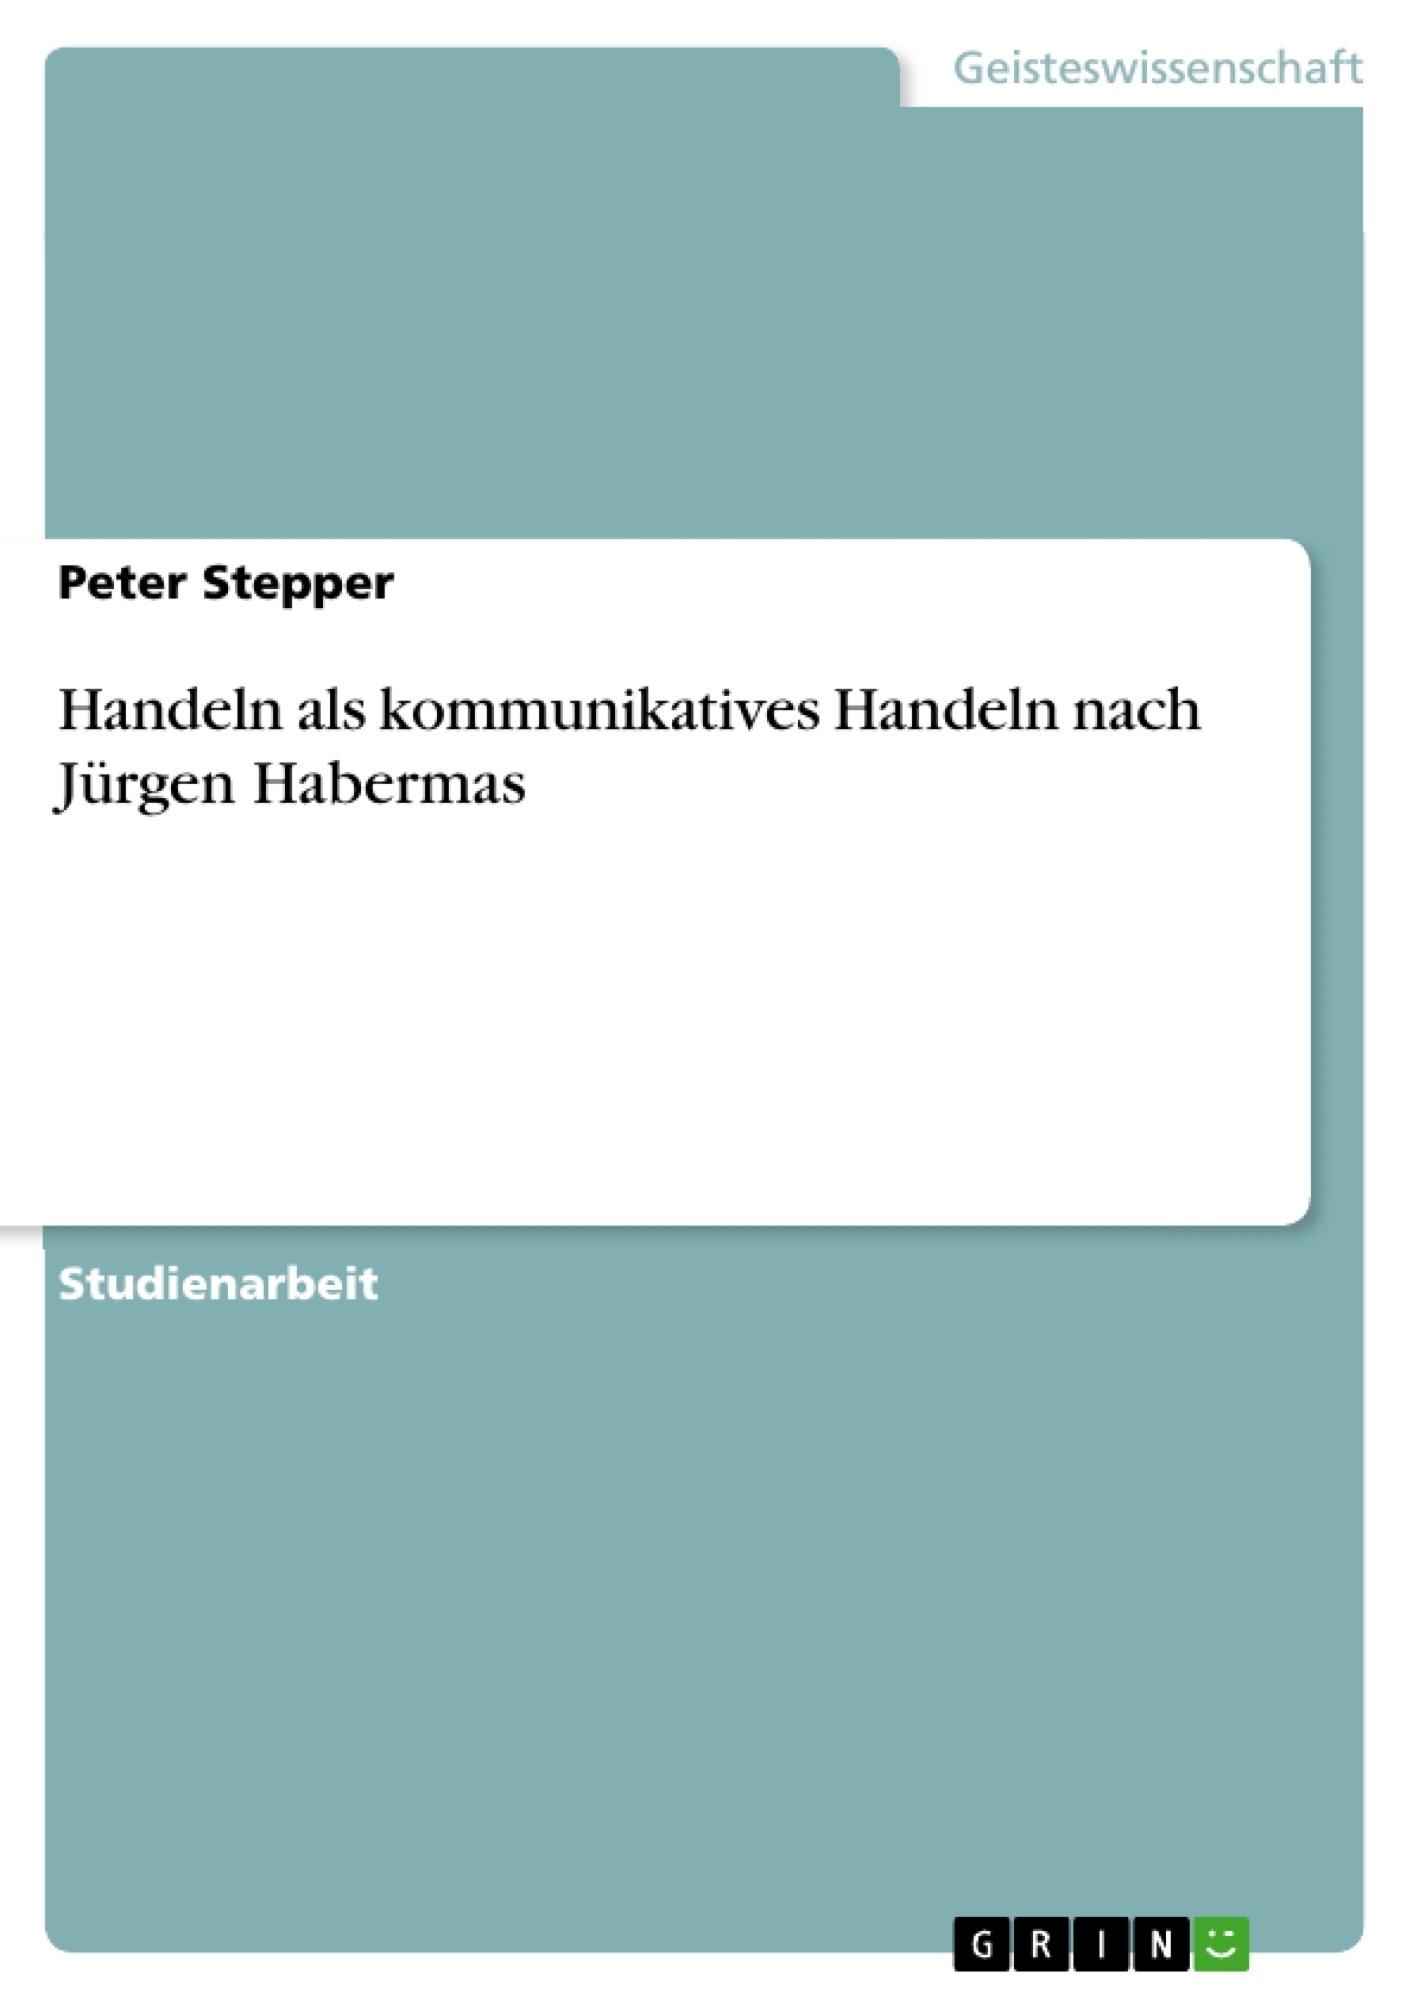 Titel: Handeln als kommunikatives Handeln nach Jürgen Habermas